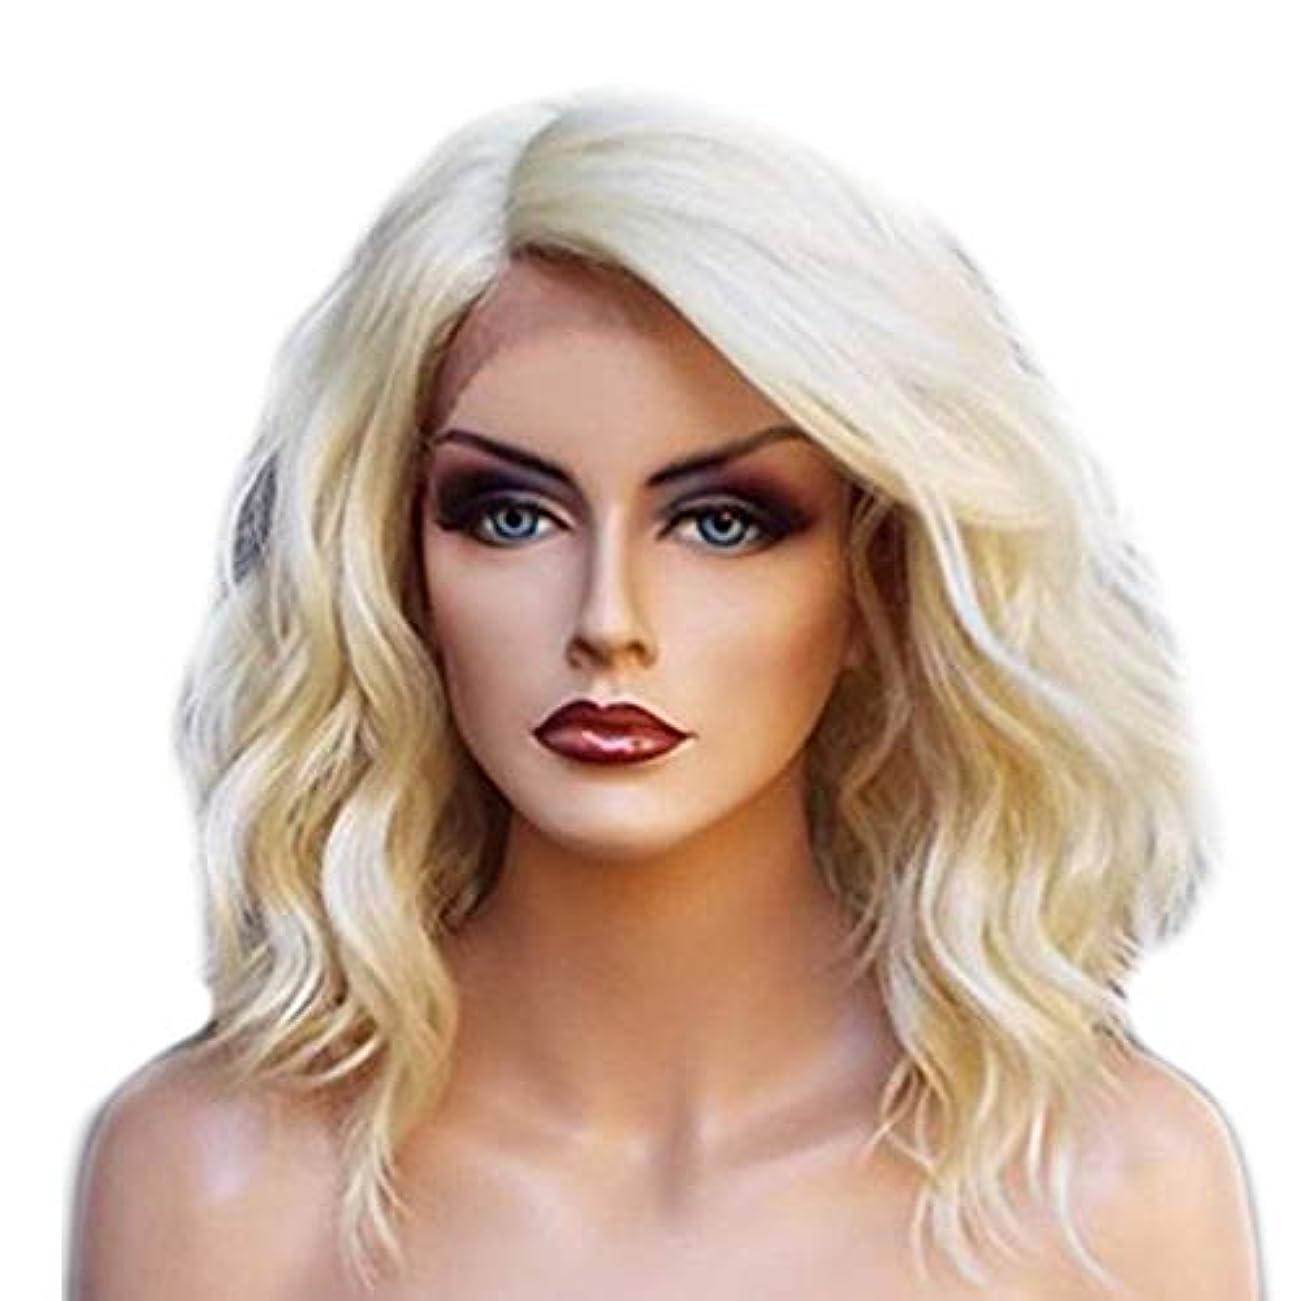 にスクリューウェーハWASAIO 女性用ブロンドショート巻き毛レースフロントウィッグアクセサリースタイル交換用自然に見える合成日常着 (色 : Blonde)